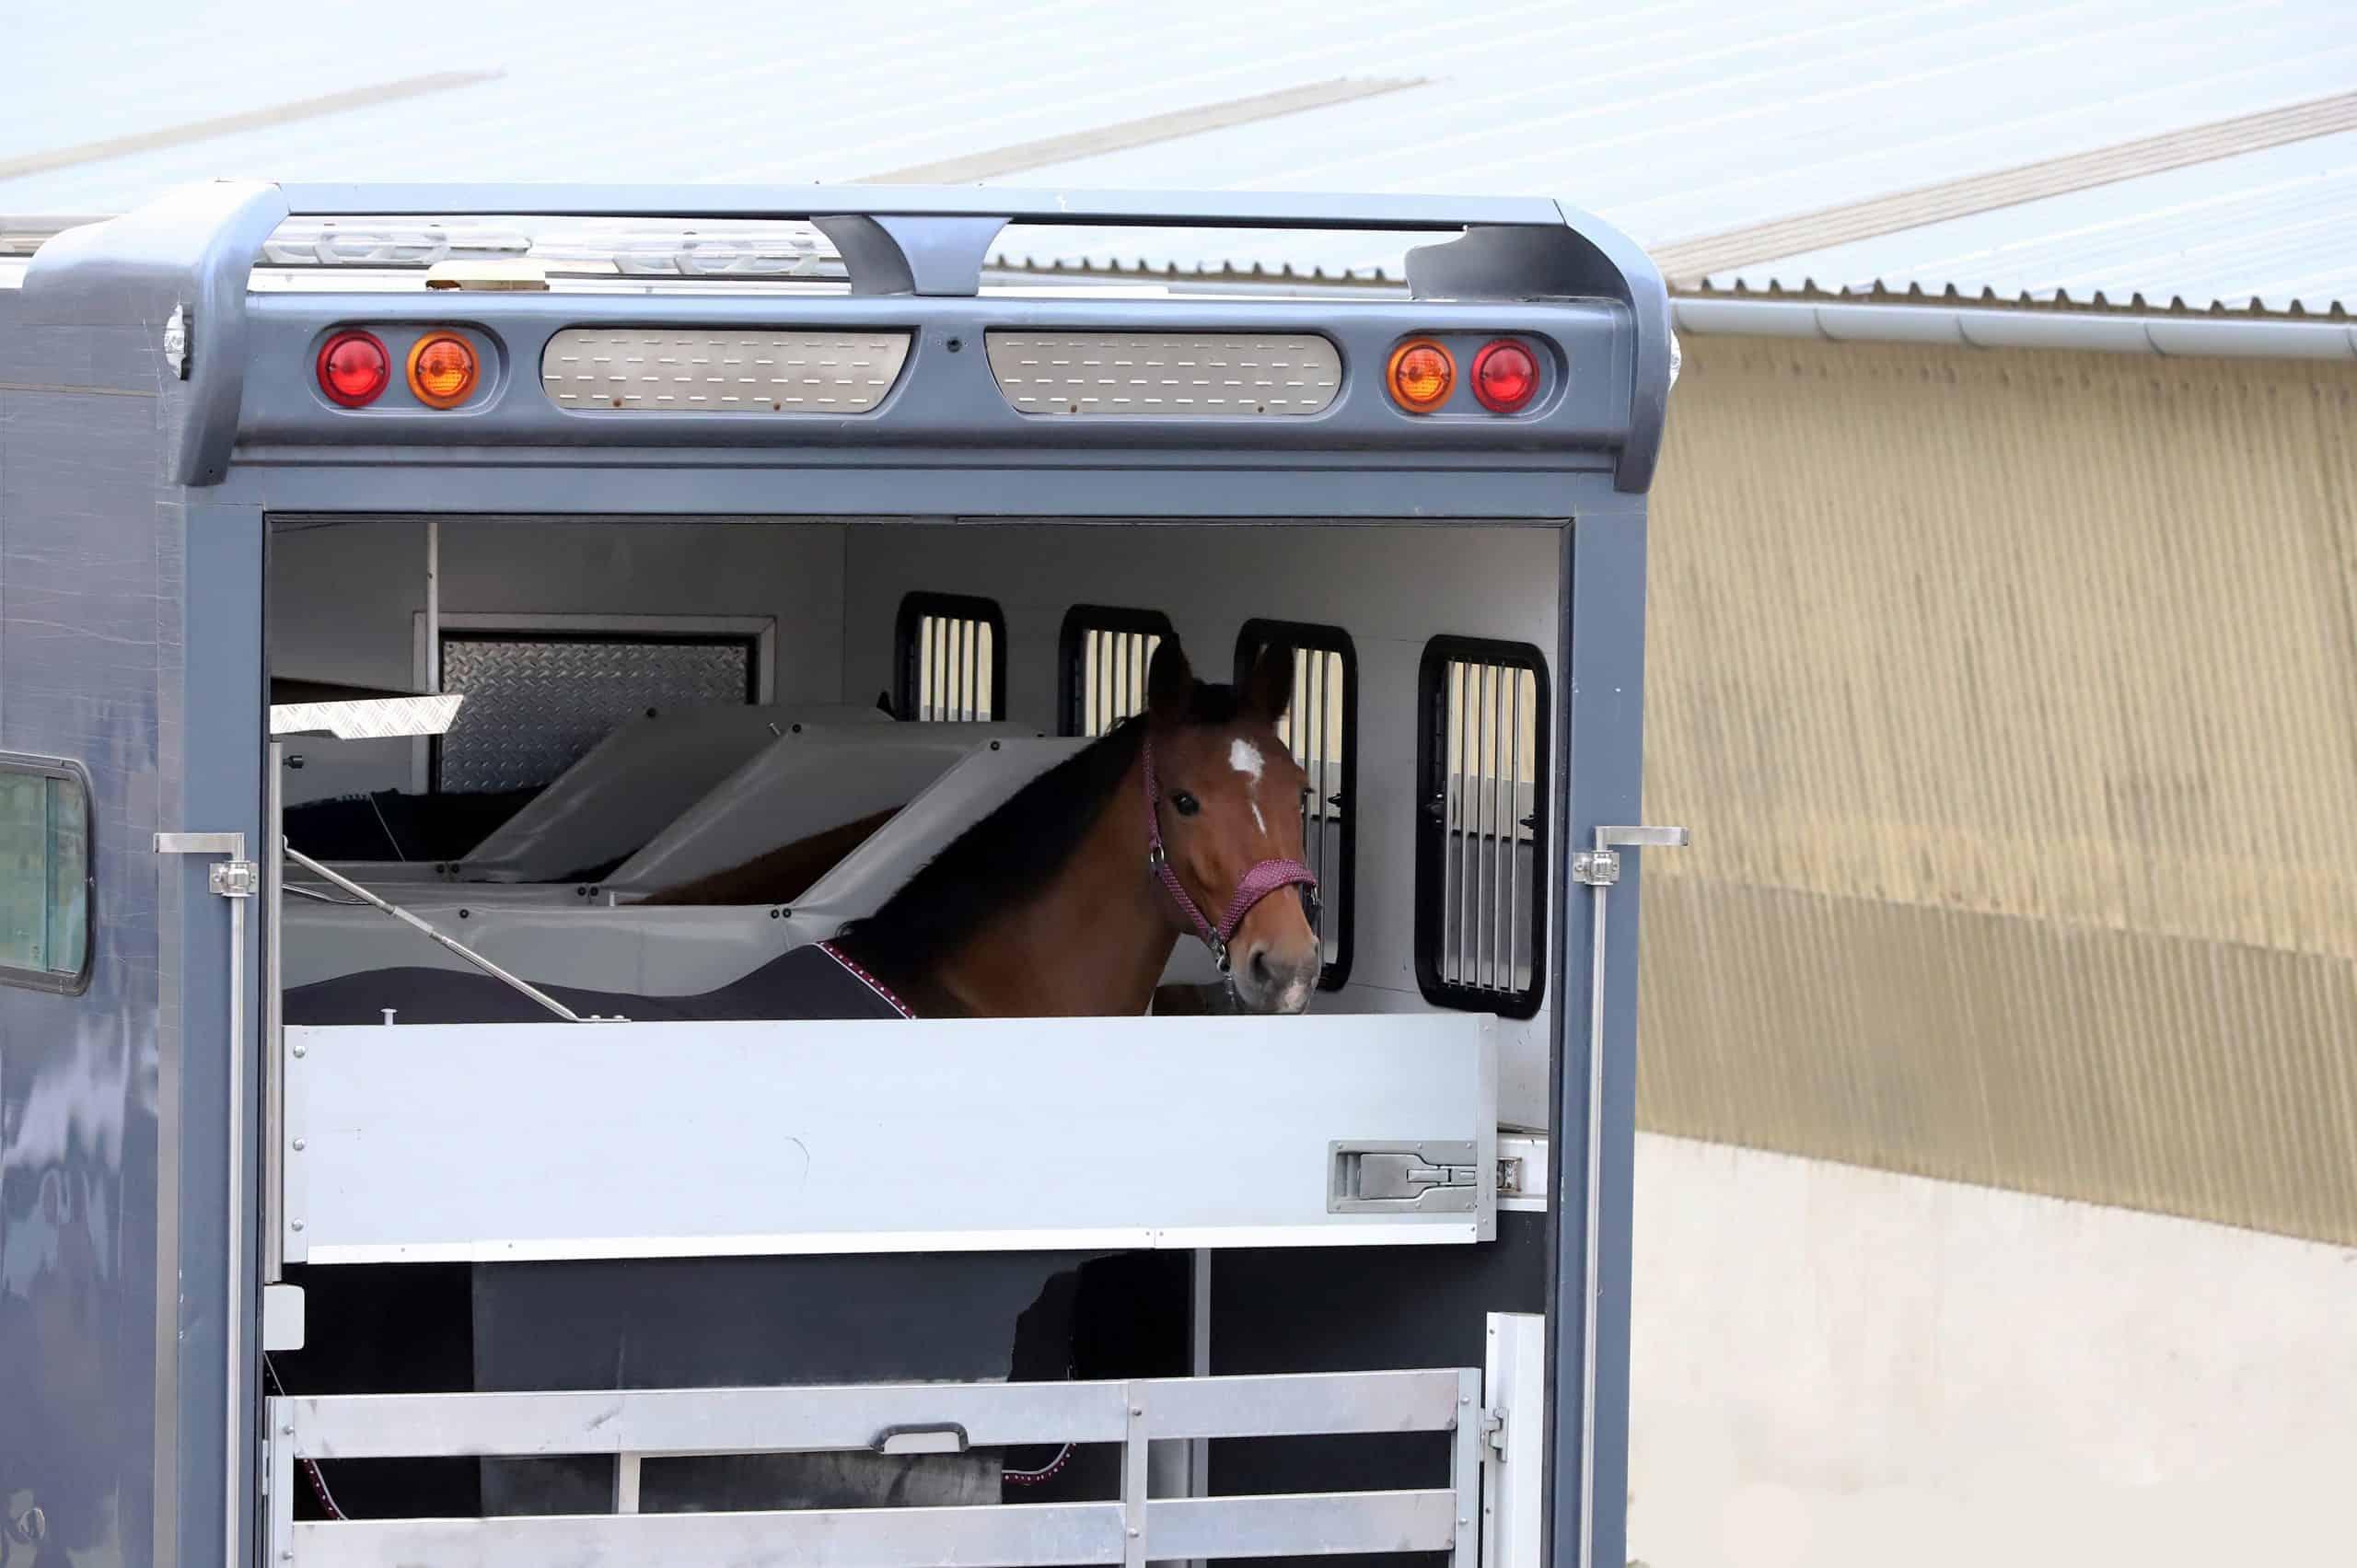 Trailer parking for horse transportation